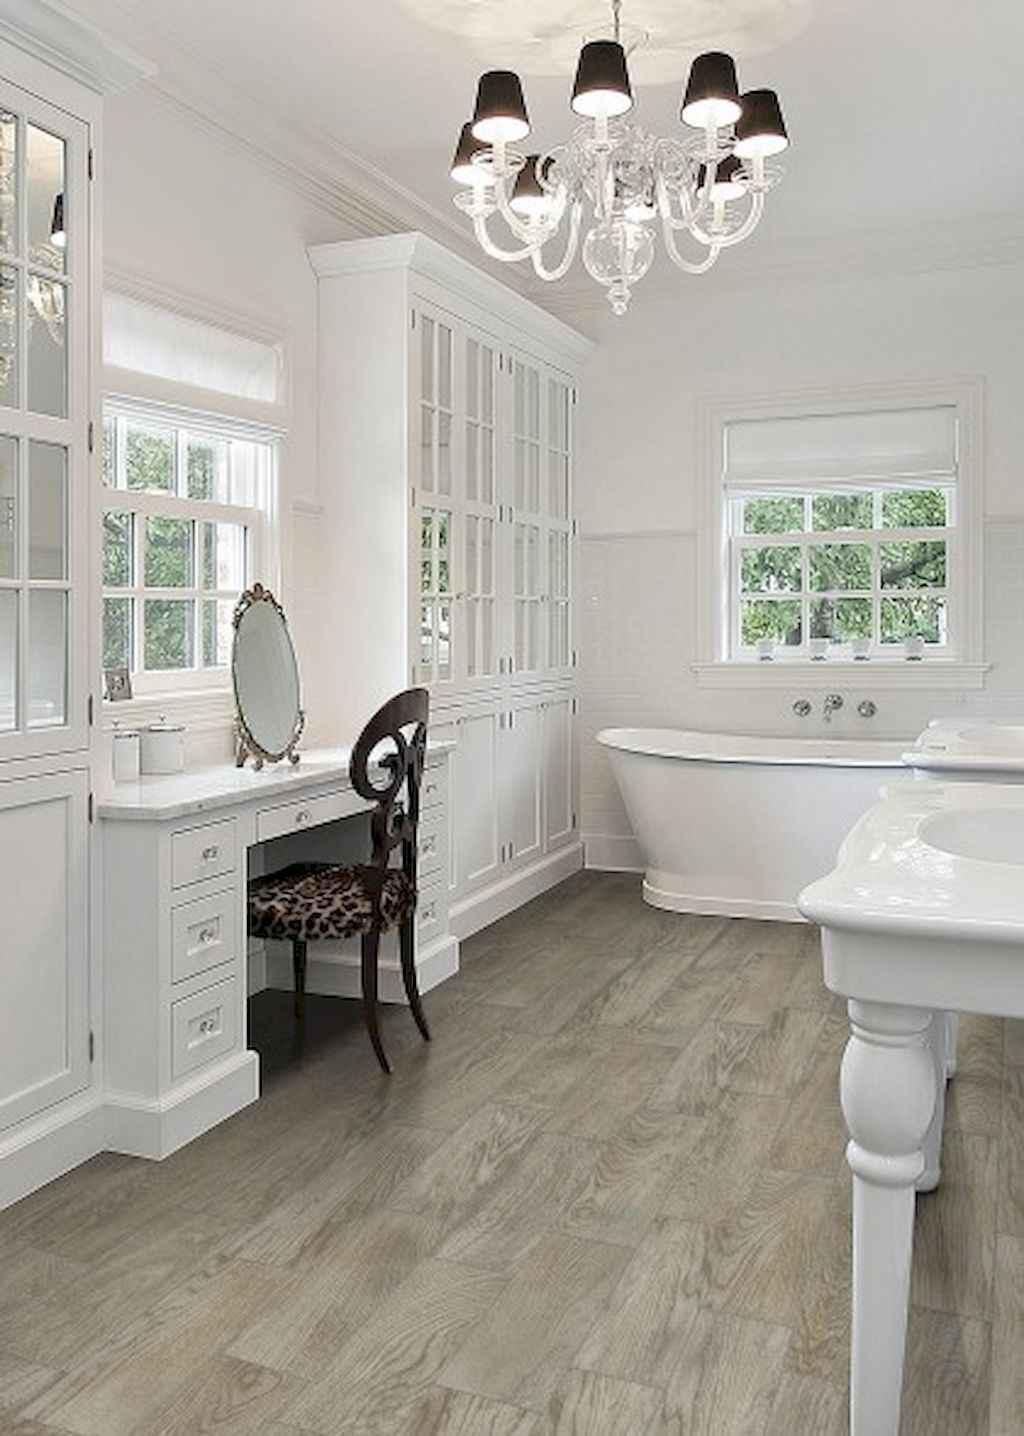 150 awesome farmhouse bathroom tile floor decor ideas and for Farmhouse bathroom tile design ideas